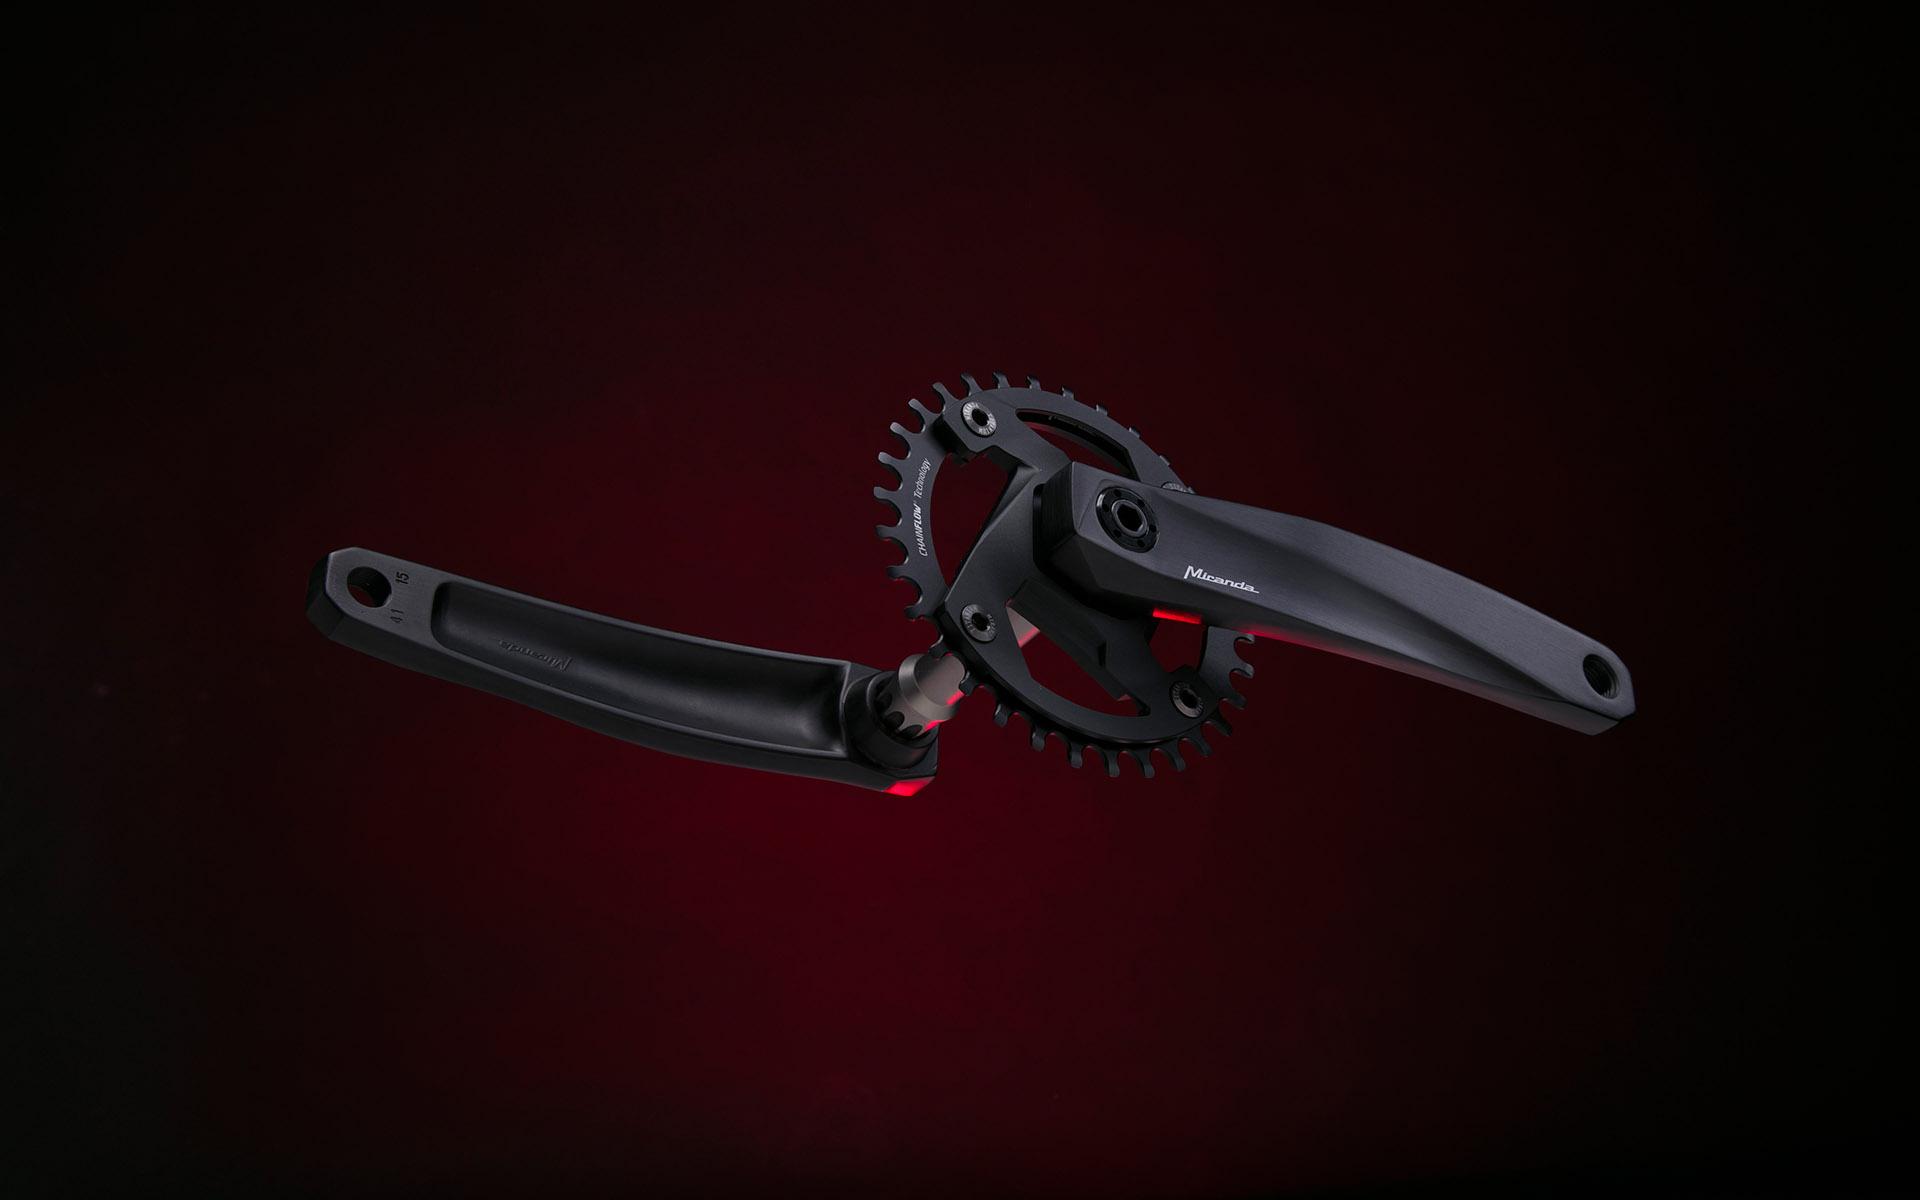 <p>modelação 3D e packaging exclusivo para a primeira pedaleira modular</p>